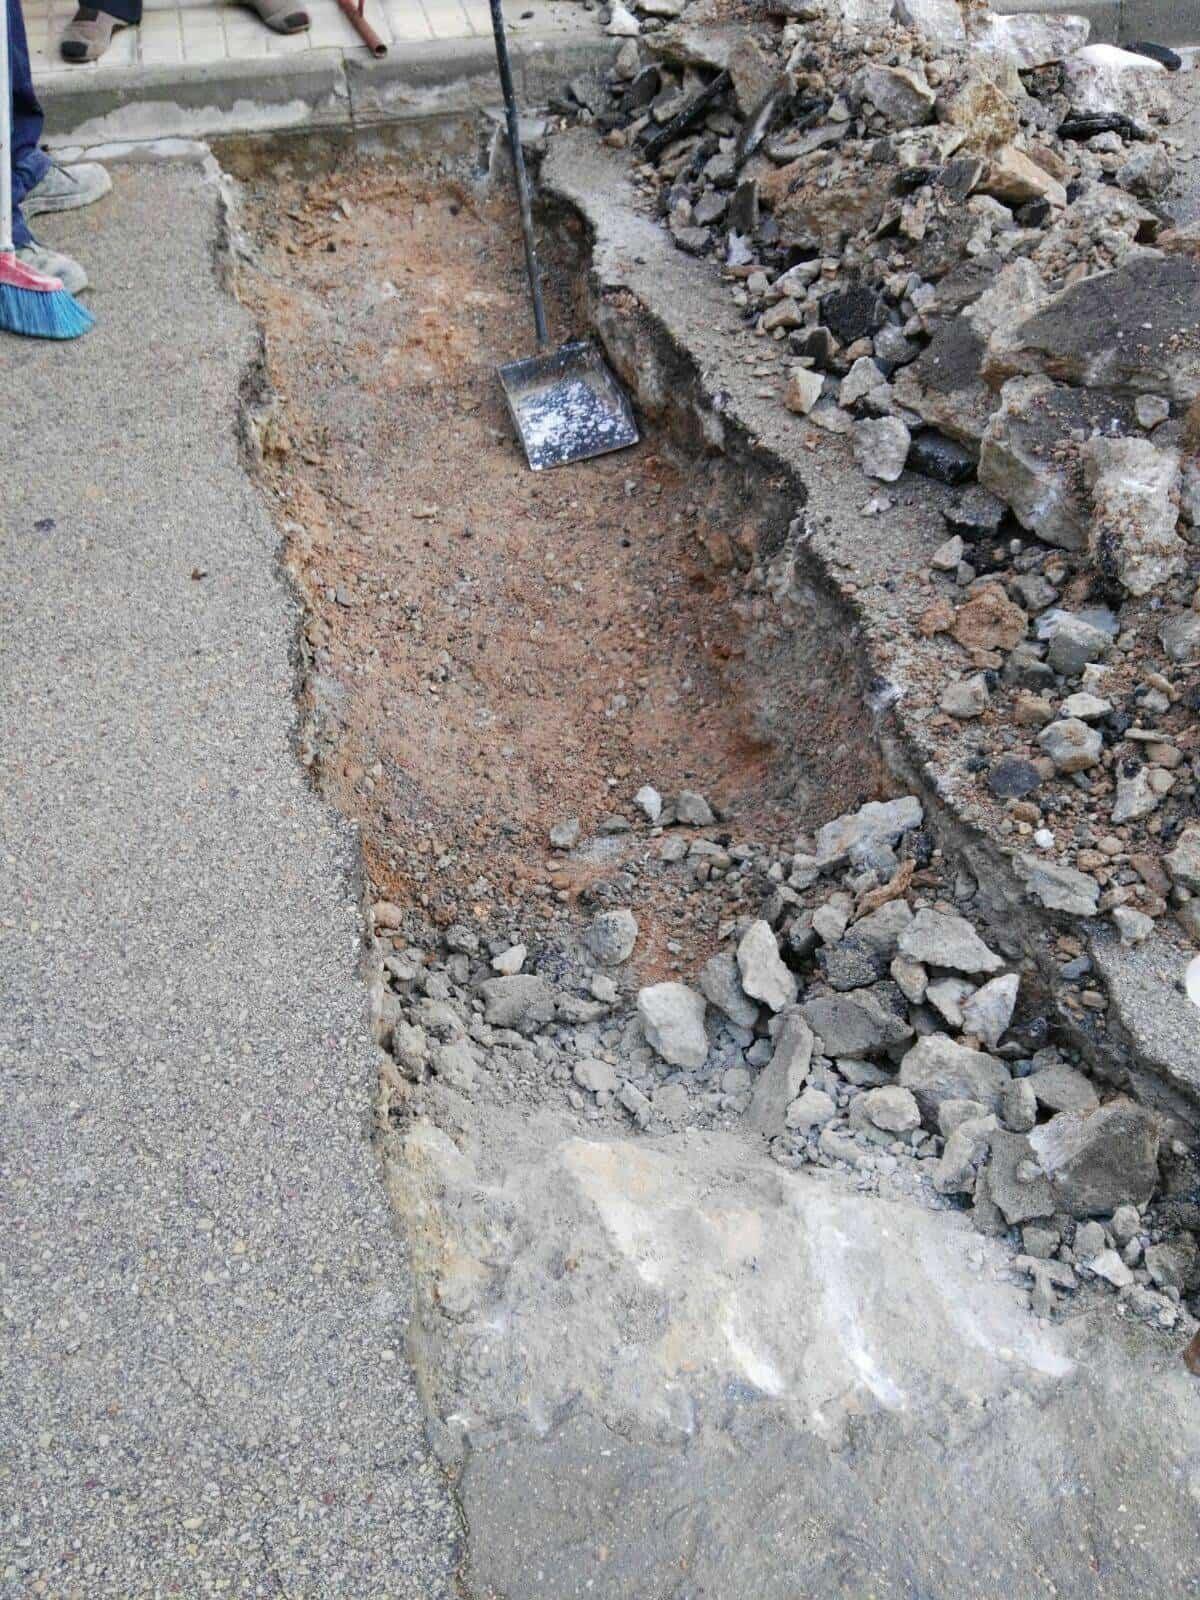 hundimiento calle jose hierro herencia - Hundimiento de calzada en calle José Hierro